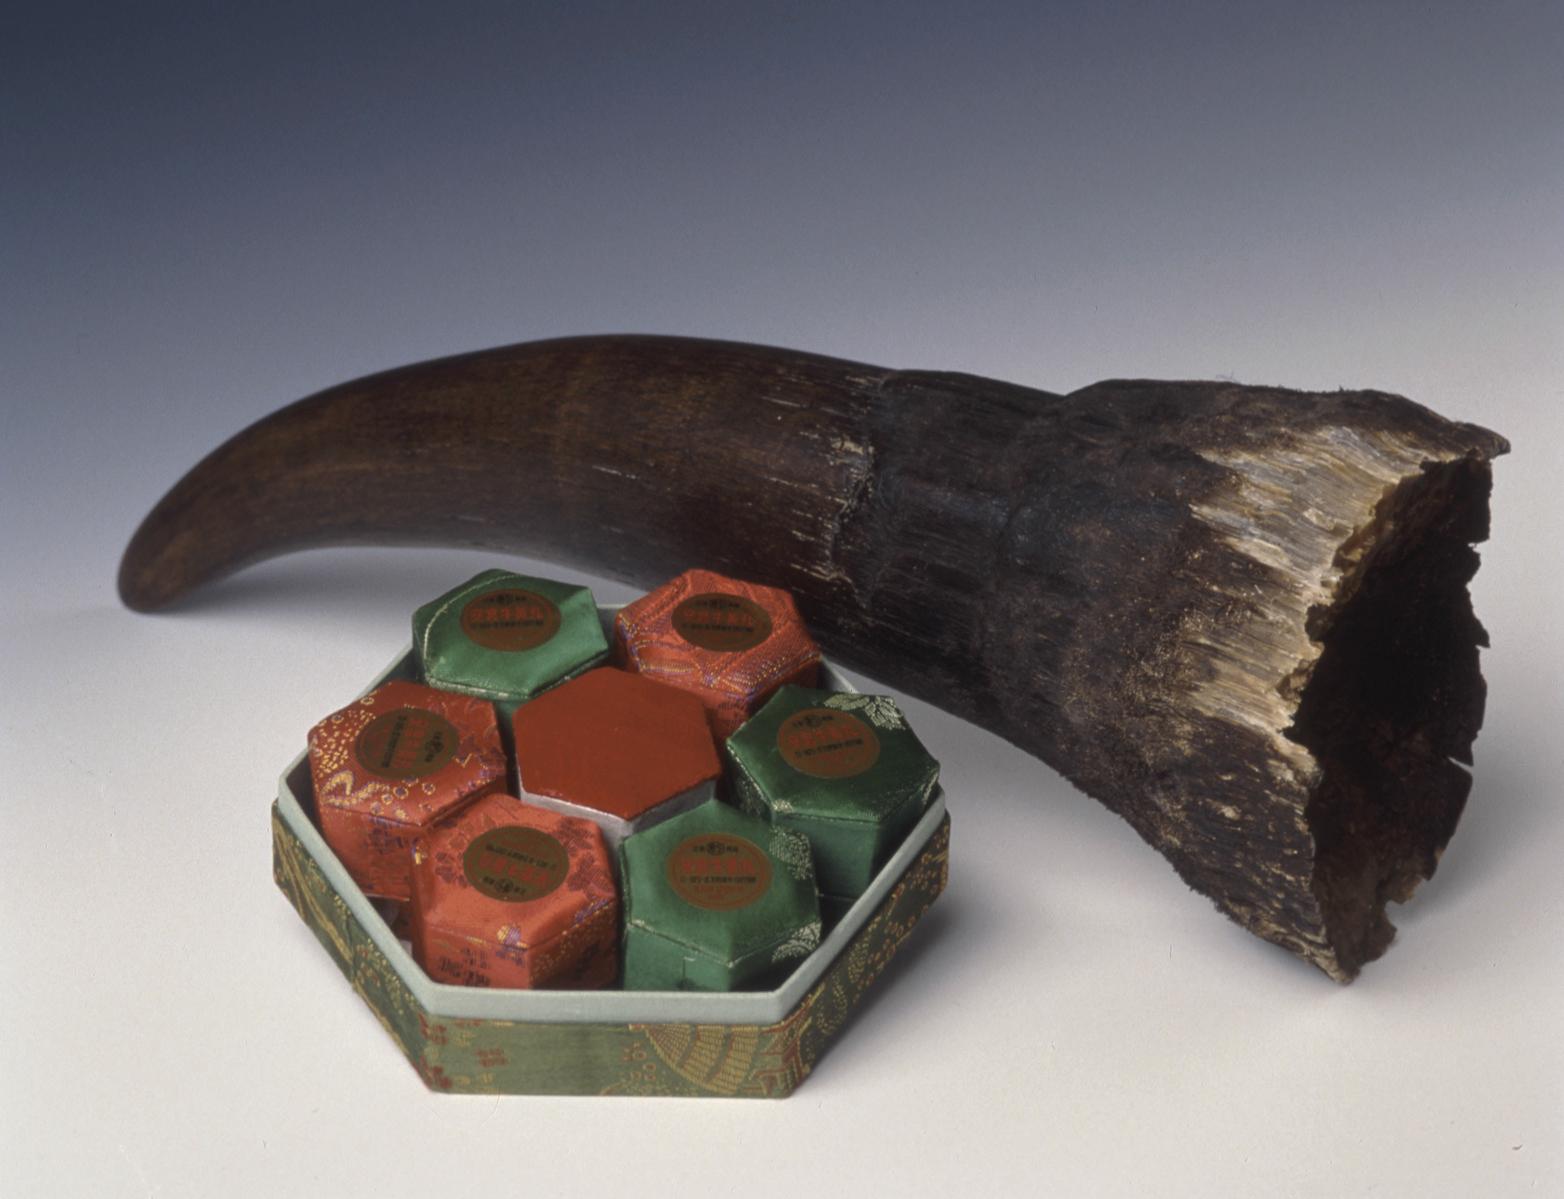 rhino horn medicine by IFAW